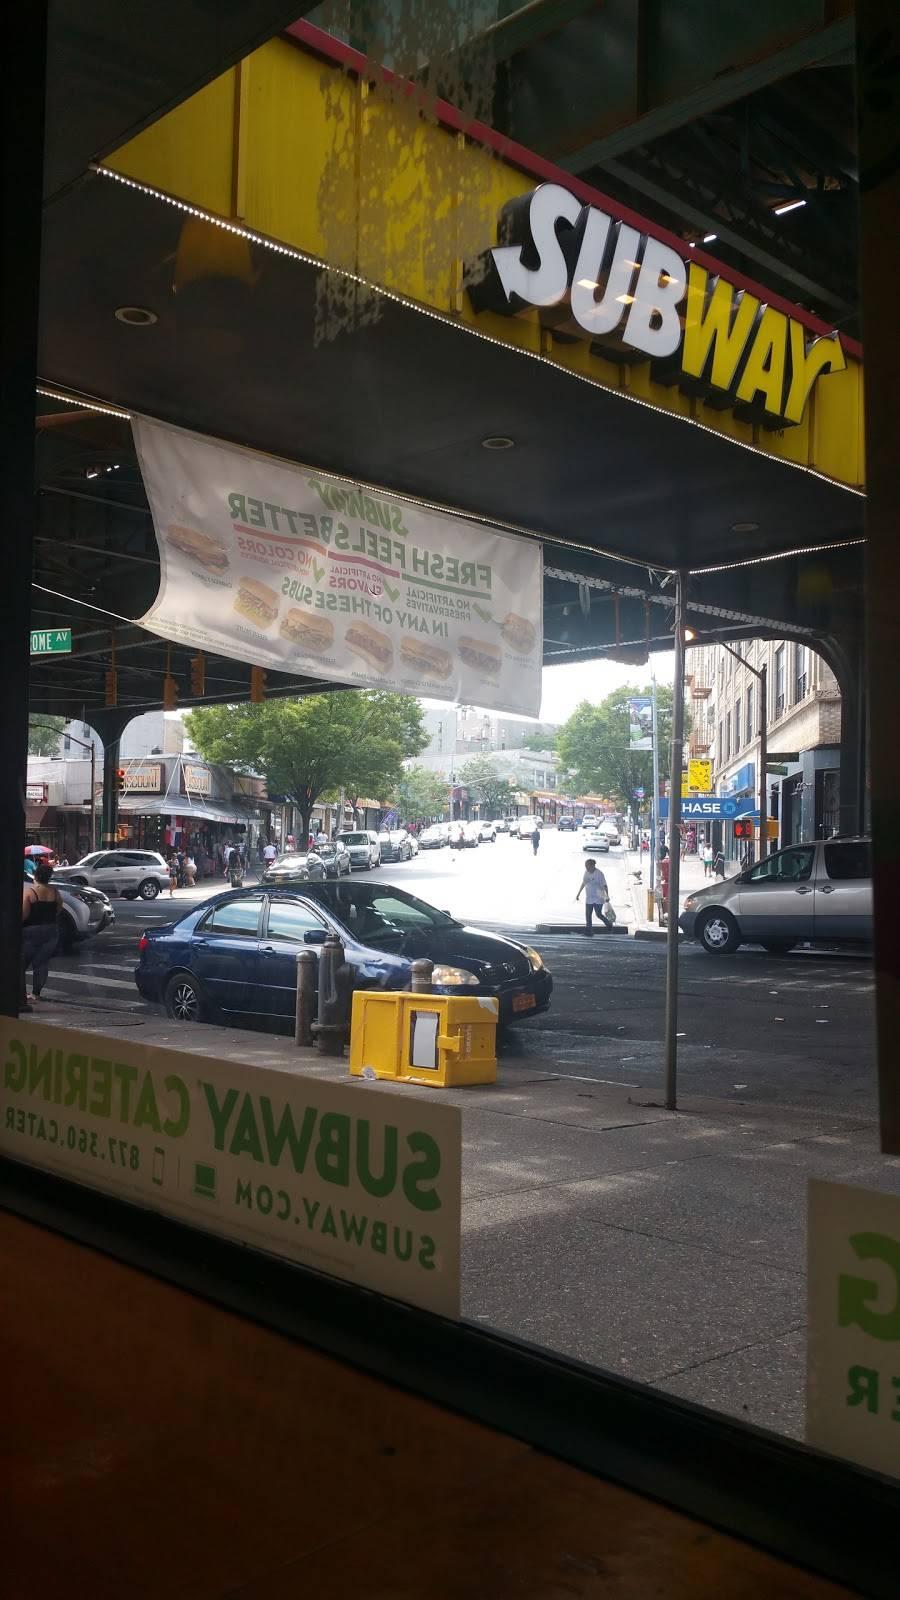 Subway Restaurants | restaurant | 2052 Jerome Ave, Bronx, NY 10453, USA | 7182206319 OR +1 718-220-6319